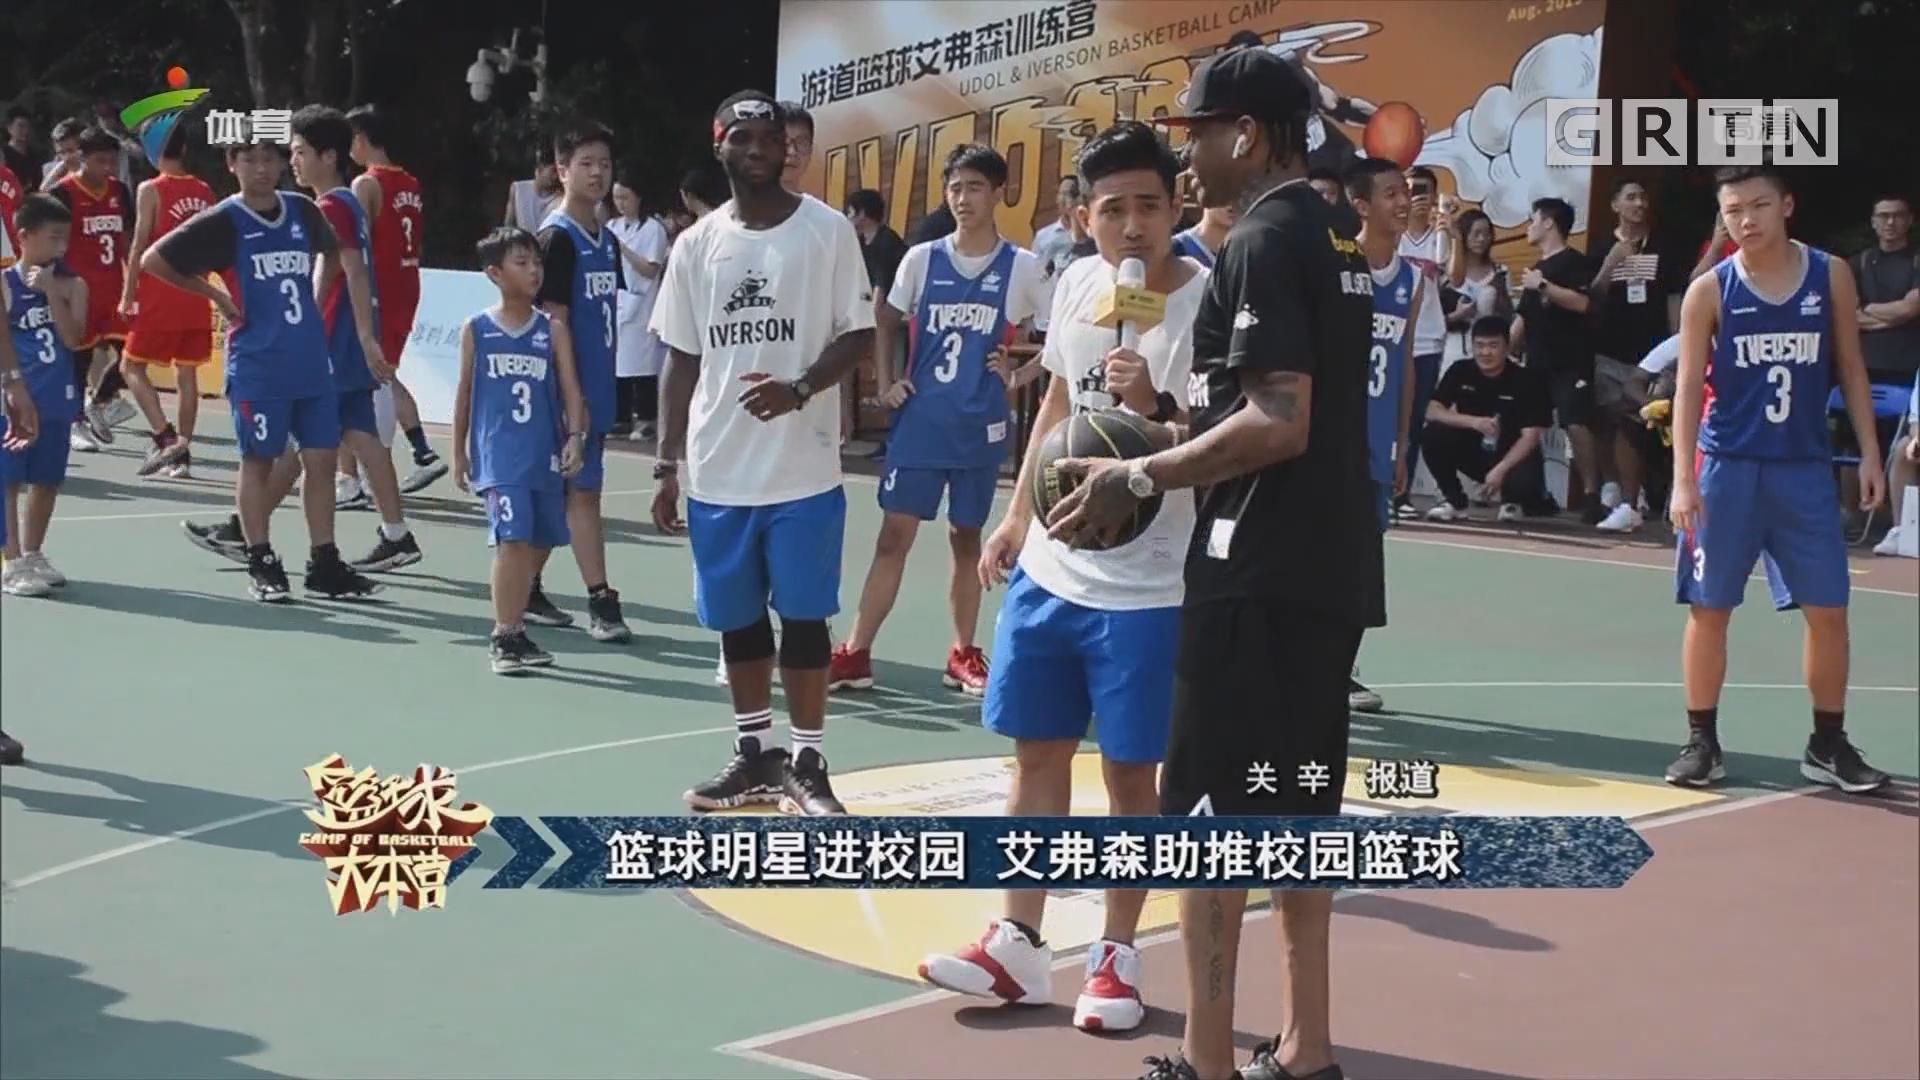 篮球明星进校园 艾弗森助推校园篮球